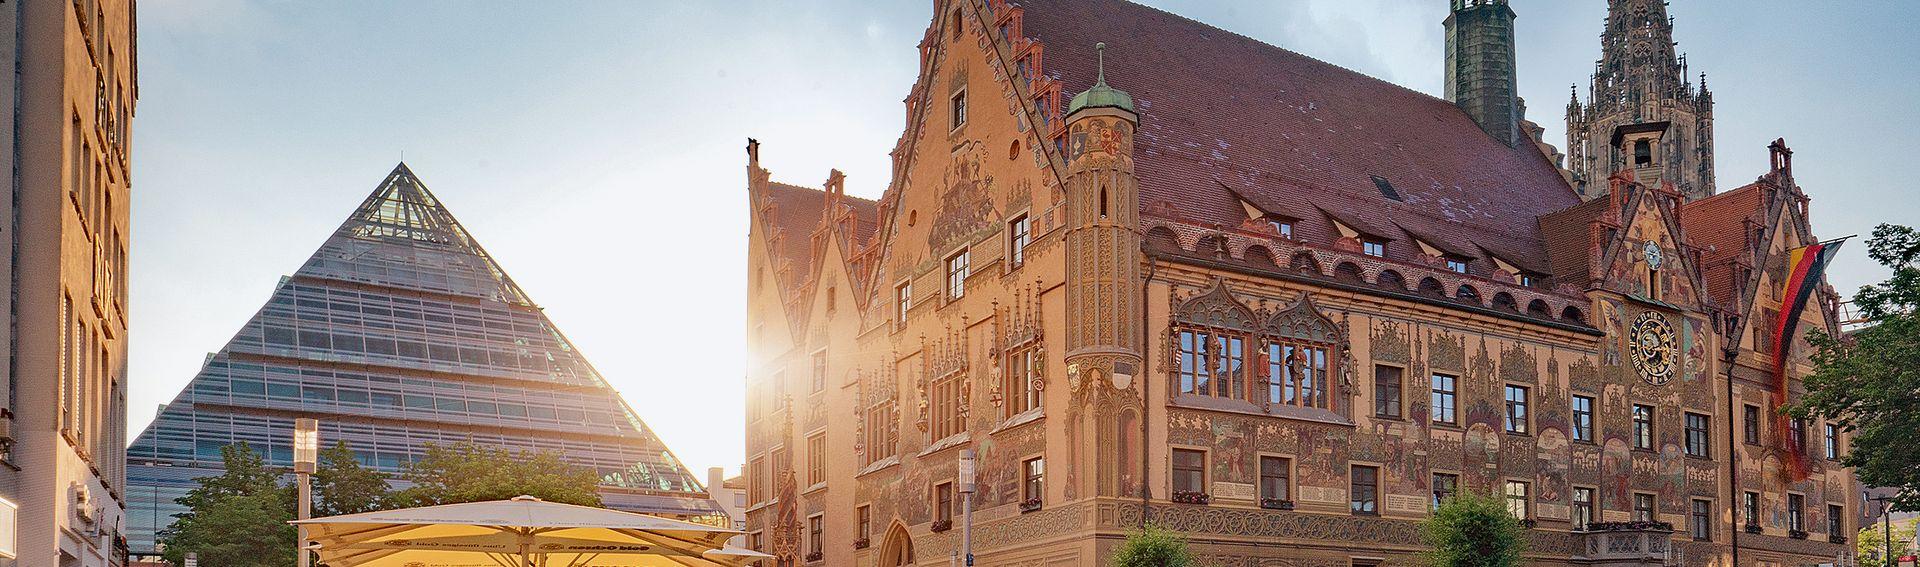 Ulm / Neu-Ulm